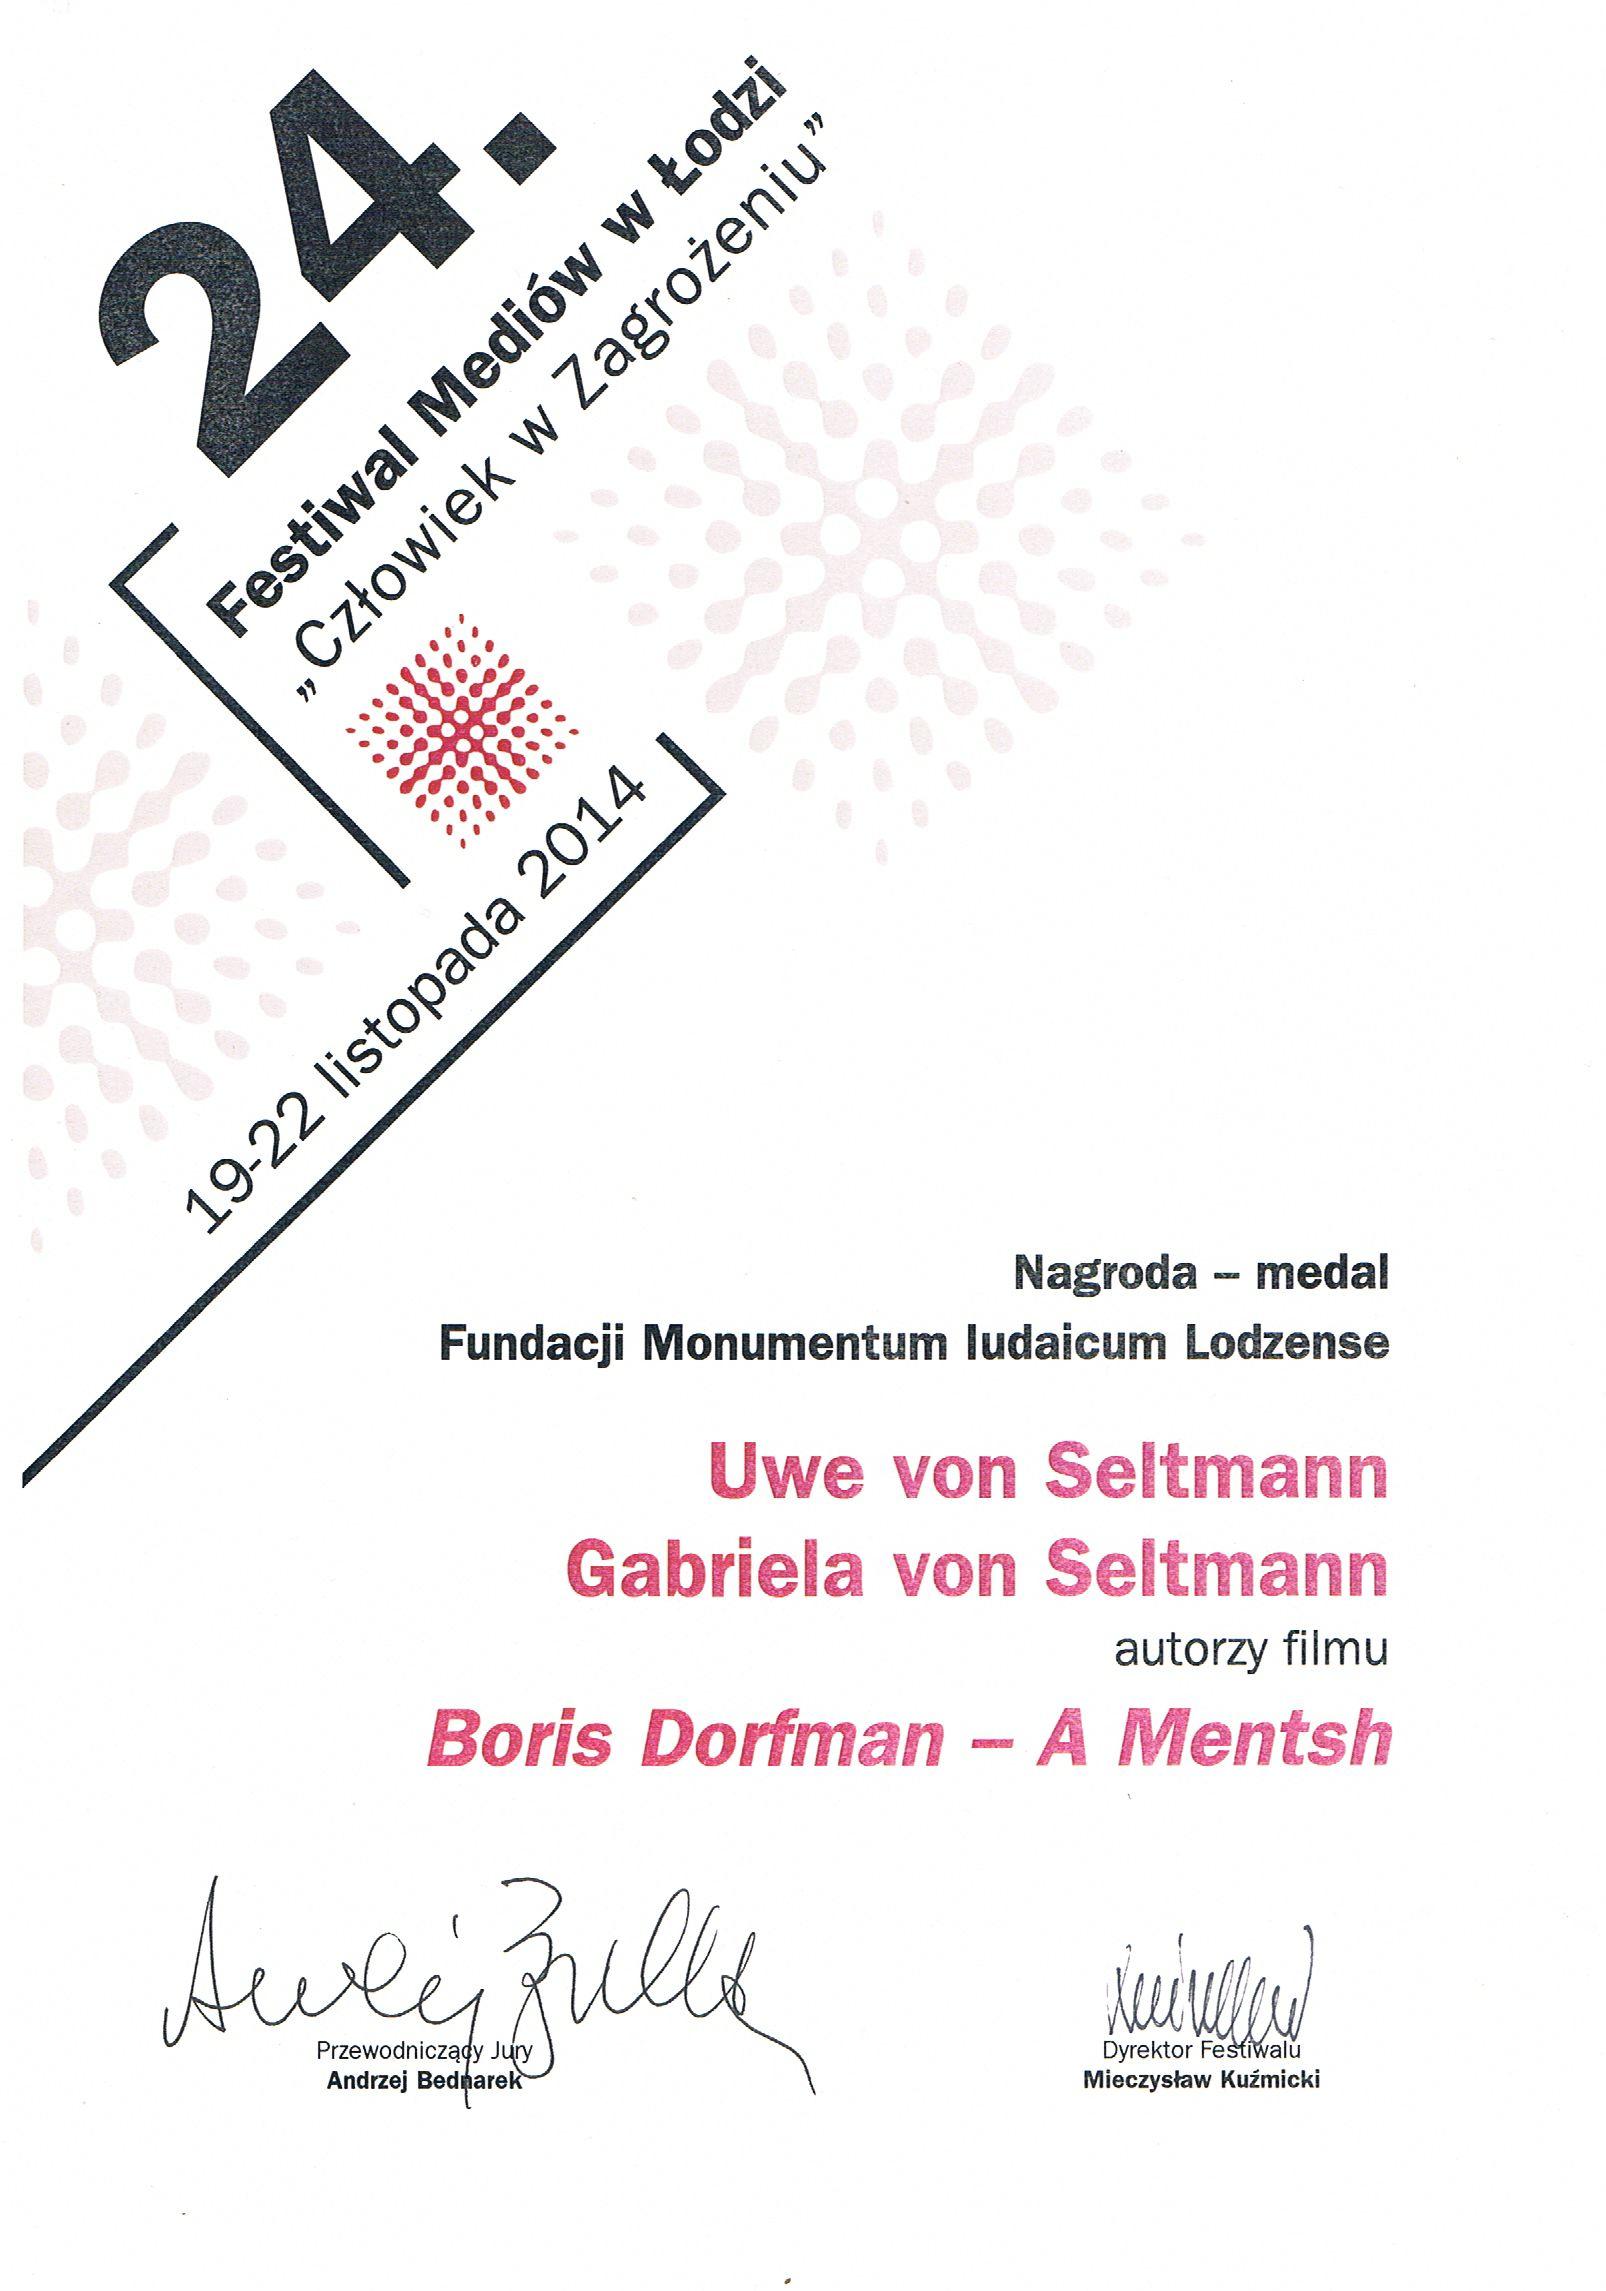 Festival Lodz - Urkunde